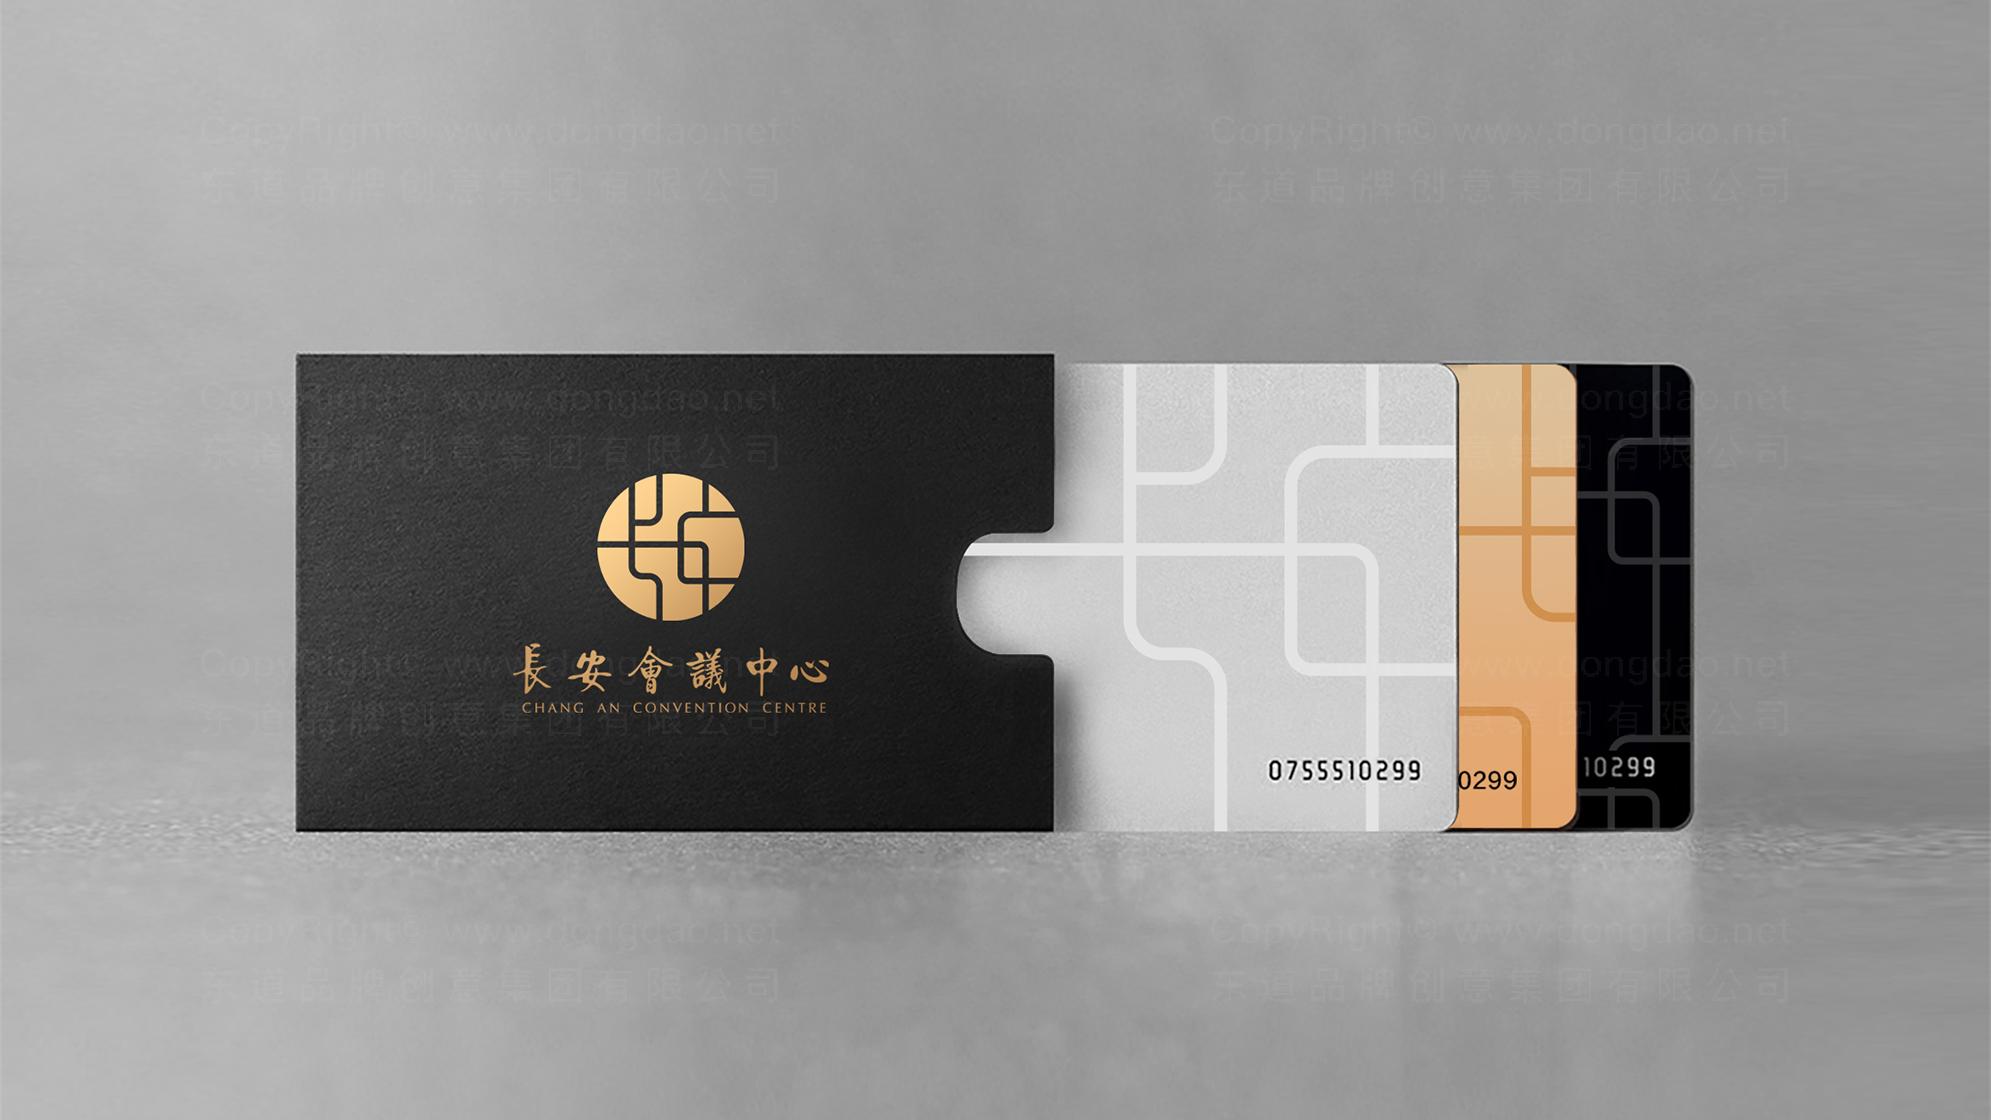 品牌设计长安会议中心LOGO&VI设计应用